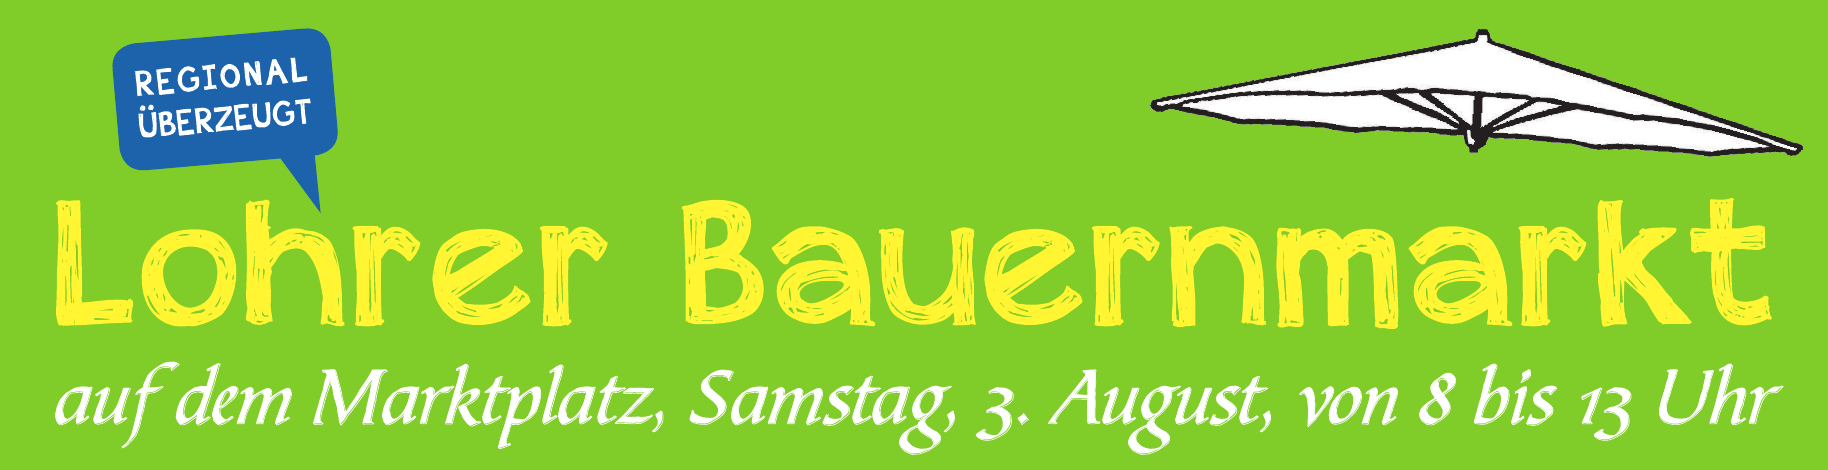 Lohrer Bauernmarkt Image 1